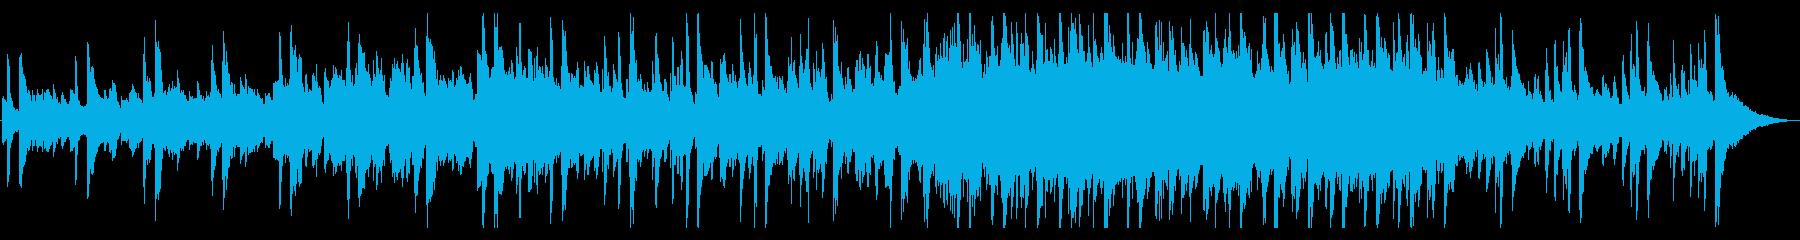 幻想的で怪しさ漂う雰囲気のジャズ風楽曲の再生済みの波形